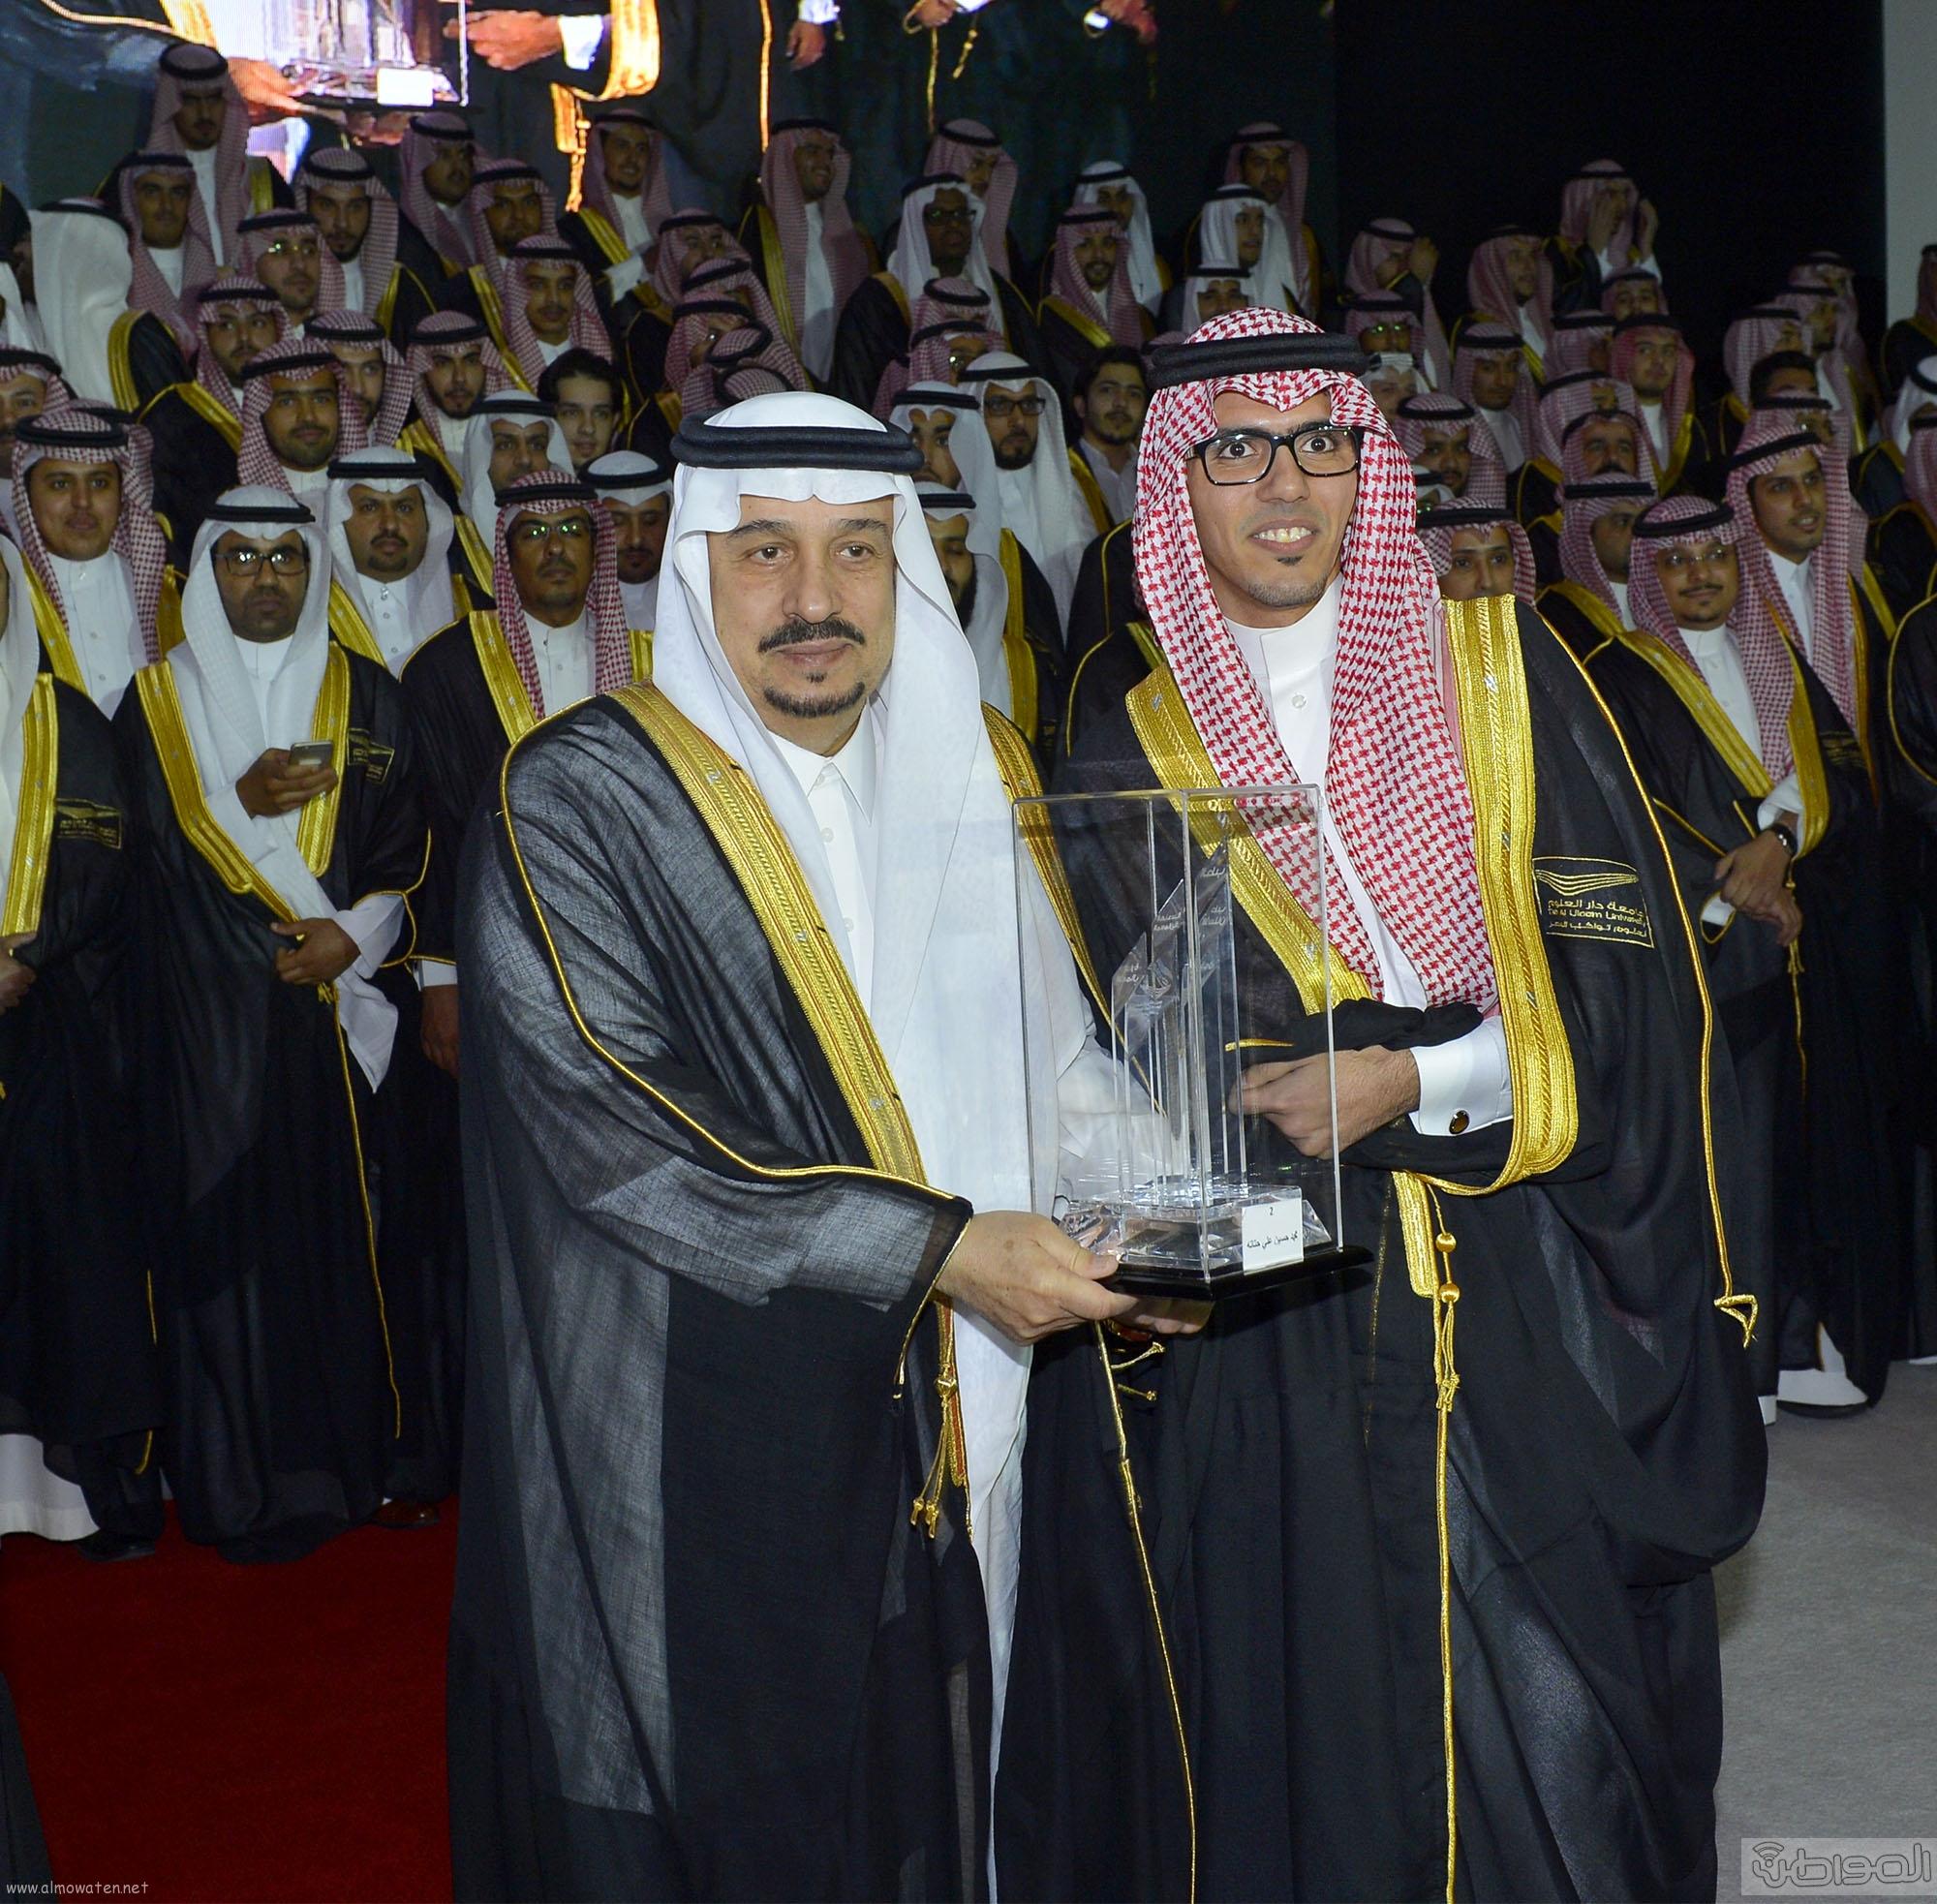 امير الرياض يرعى تخريج طلاب جامعة دار العلوم (12)